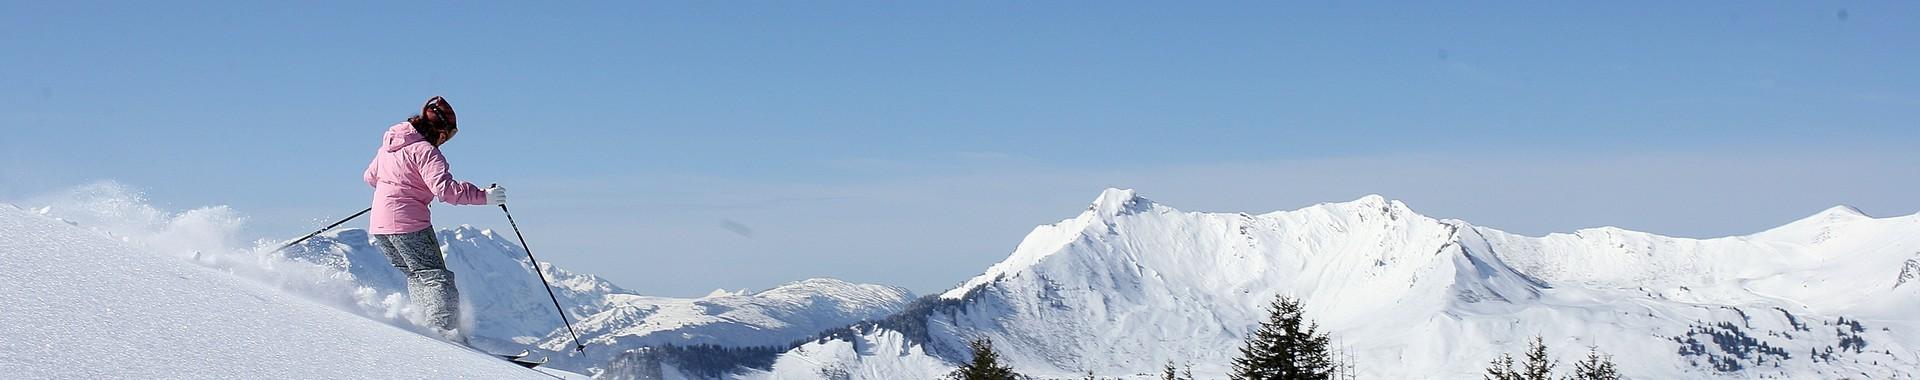 ski-lesgets-hebergements.com